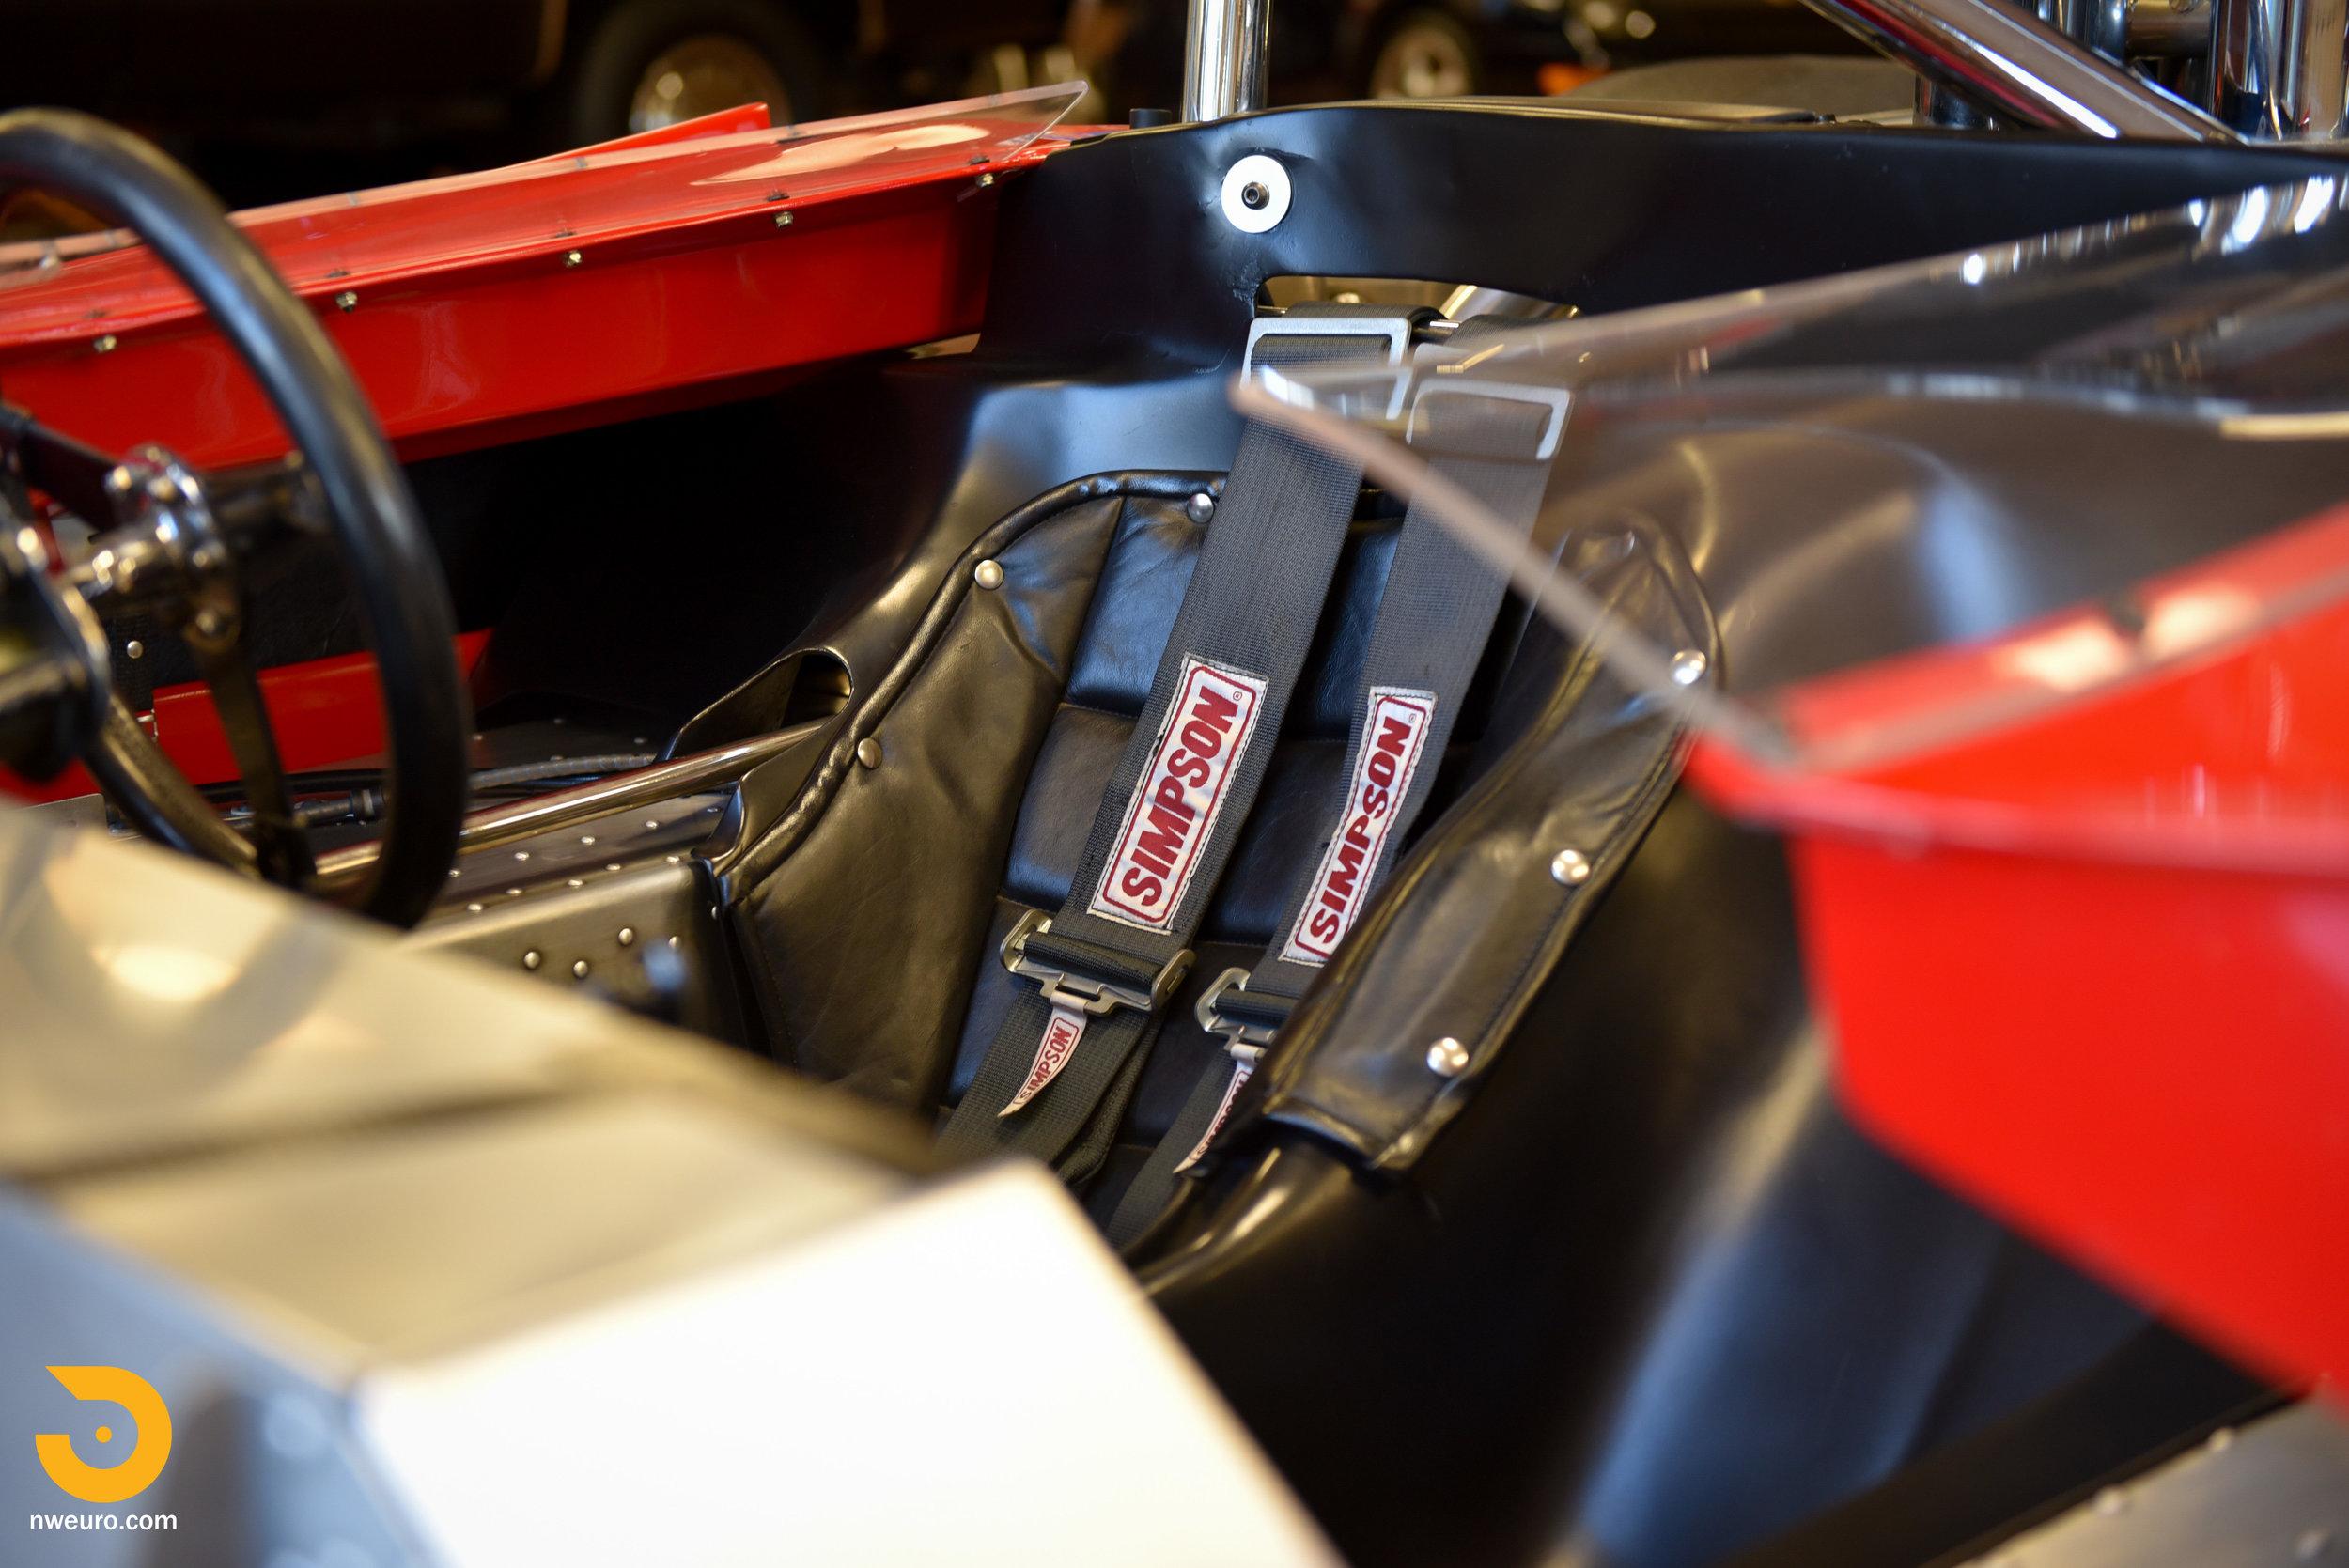 1969 Lola T162 Can-Am Race Car-31.jpg